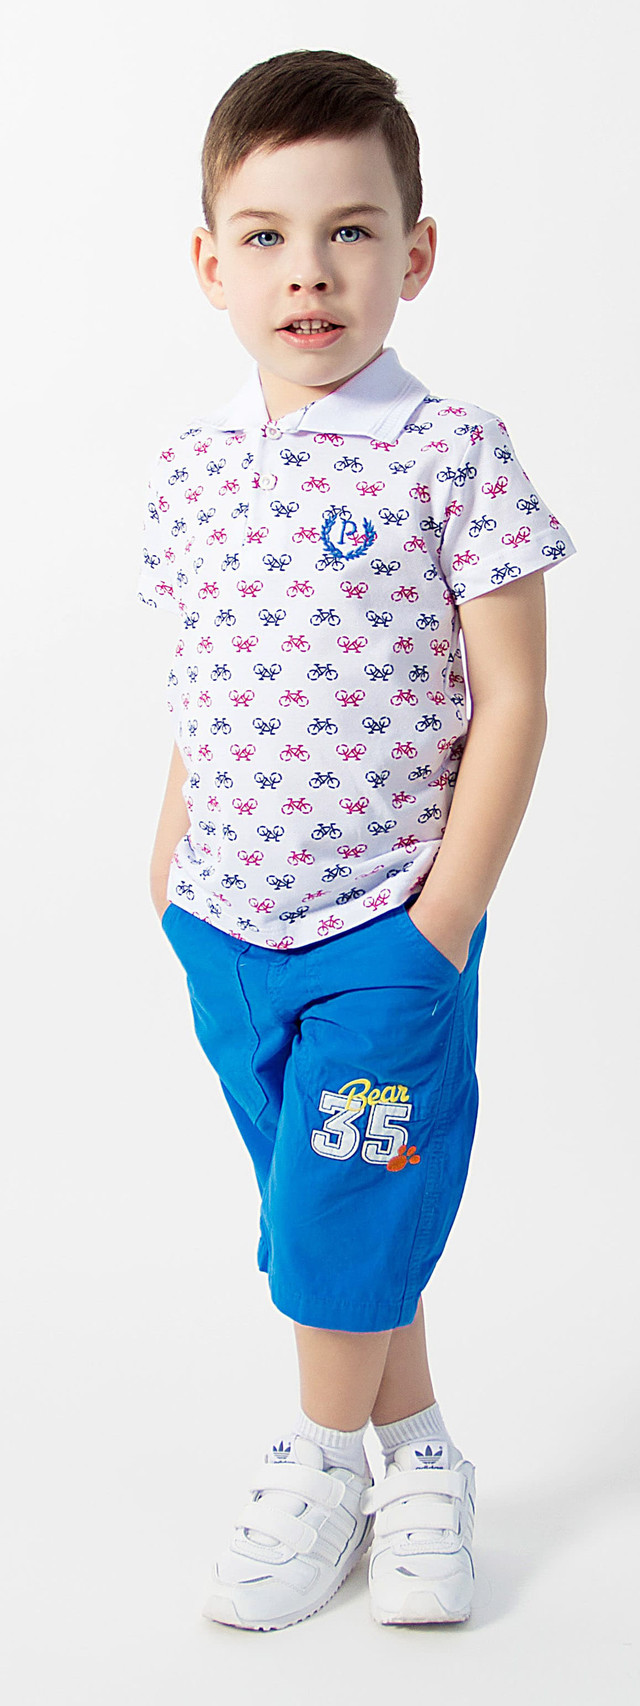 Лучшие летние костюмы для мальчиков и девочек в магазине детской одежды Чеки-Чимп